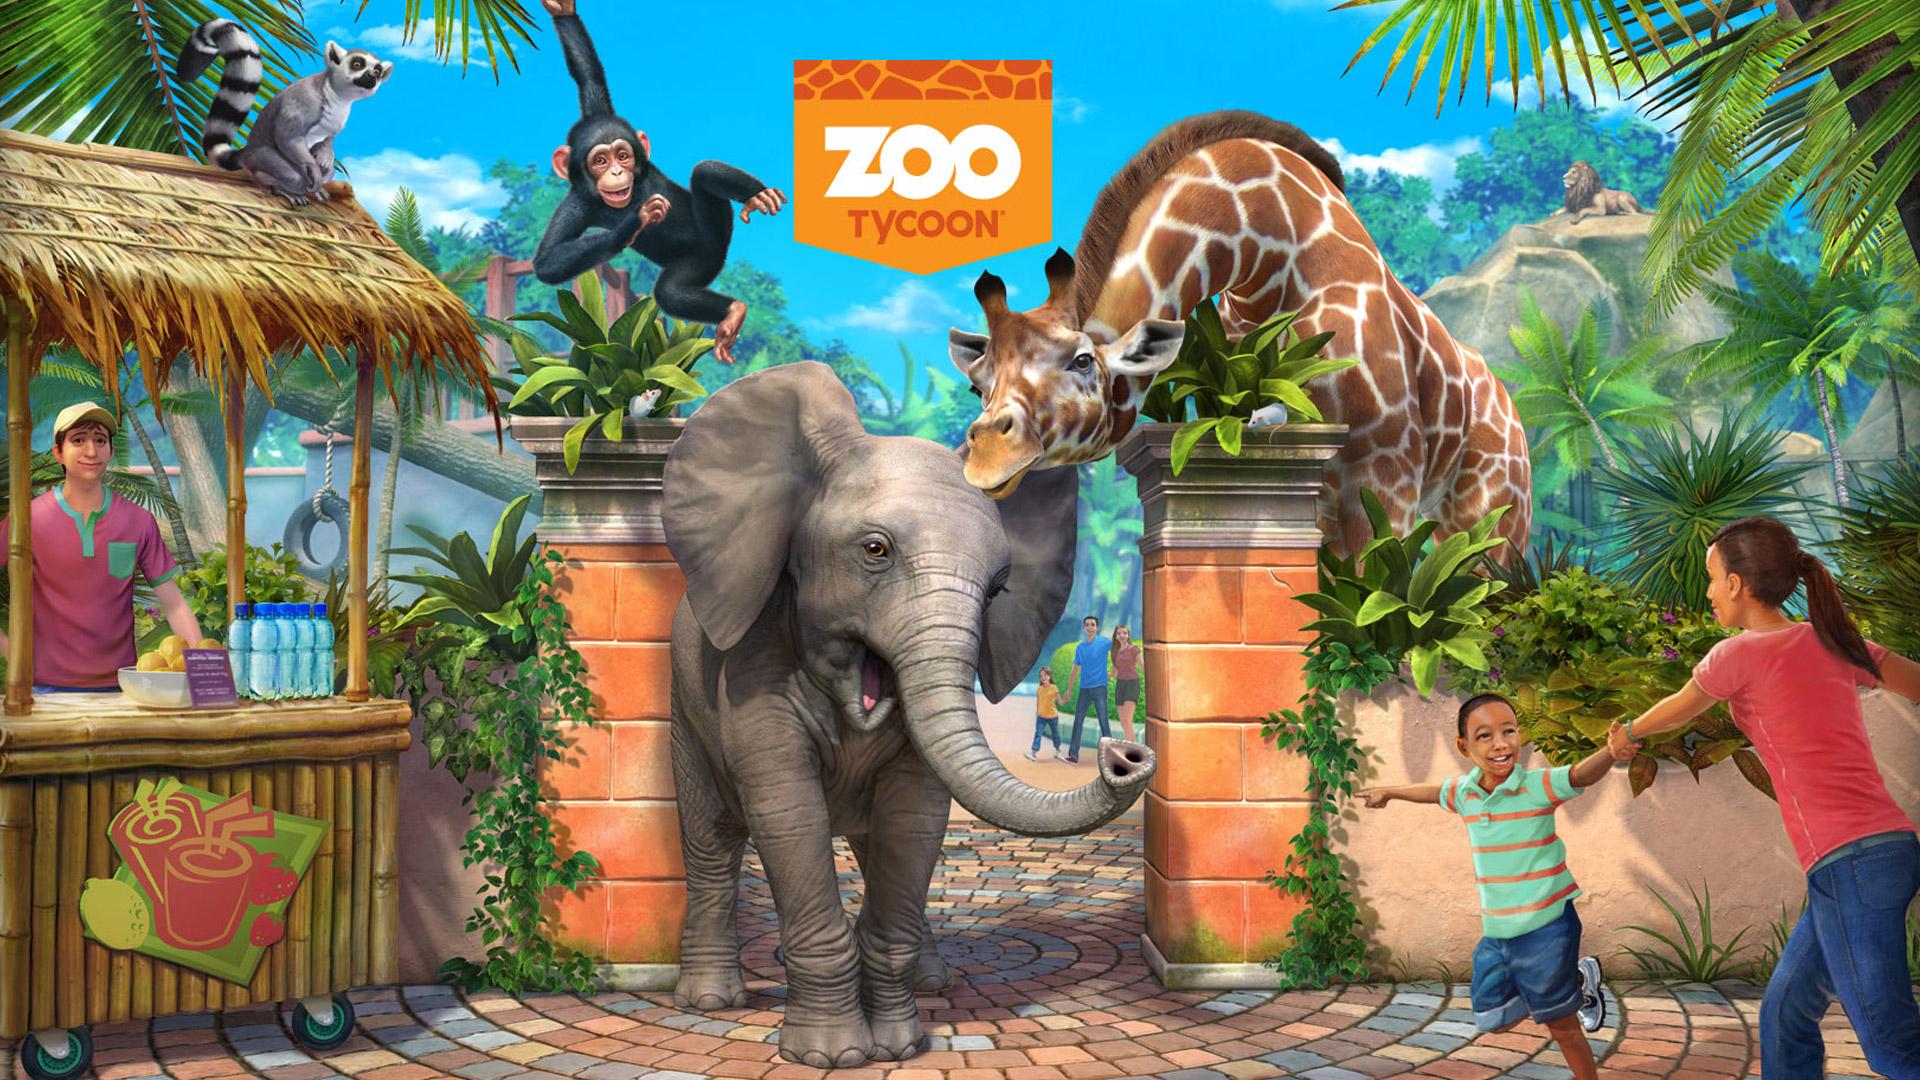 Zoo Tycoon Wallpaper in 1920x1080